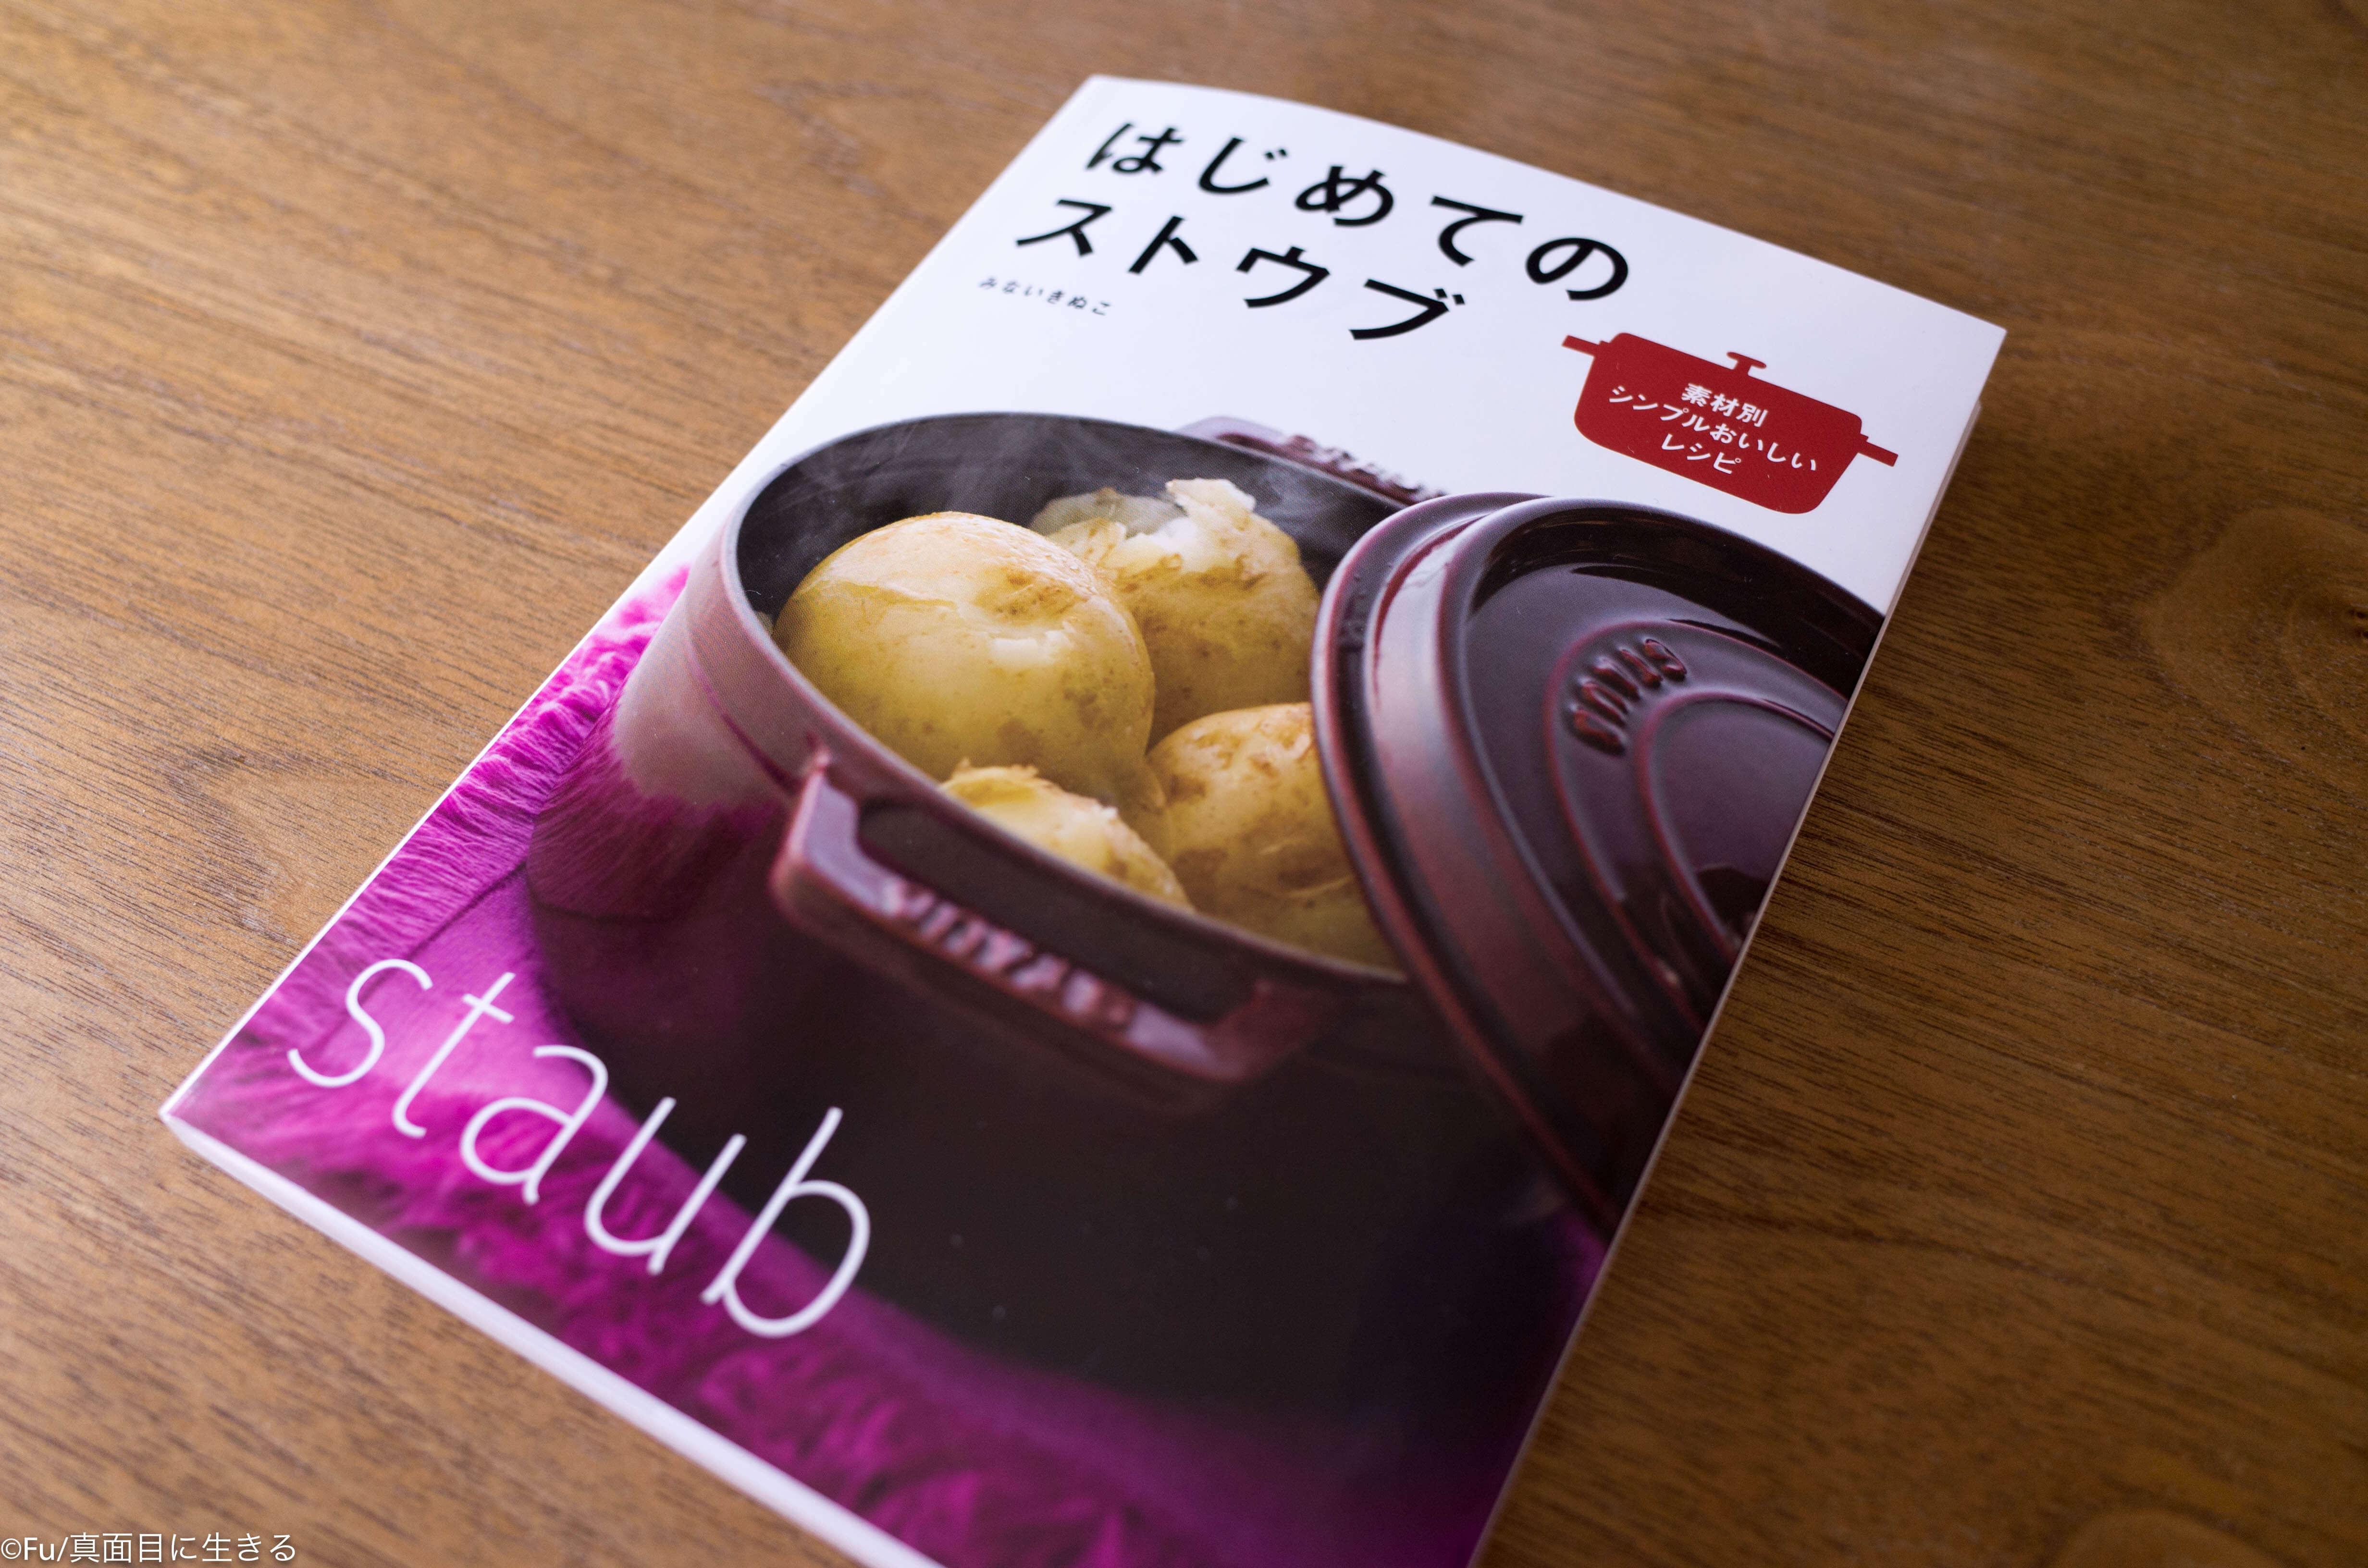 「はじめてのストウブ-素材別シンプルおいしいレシピ」byみないきぬこ【ストウブレシピ本】